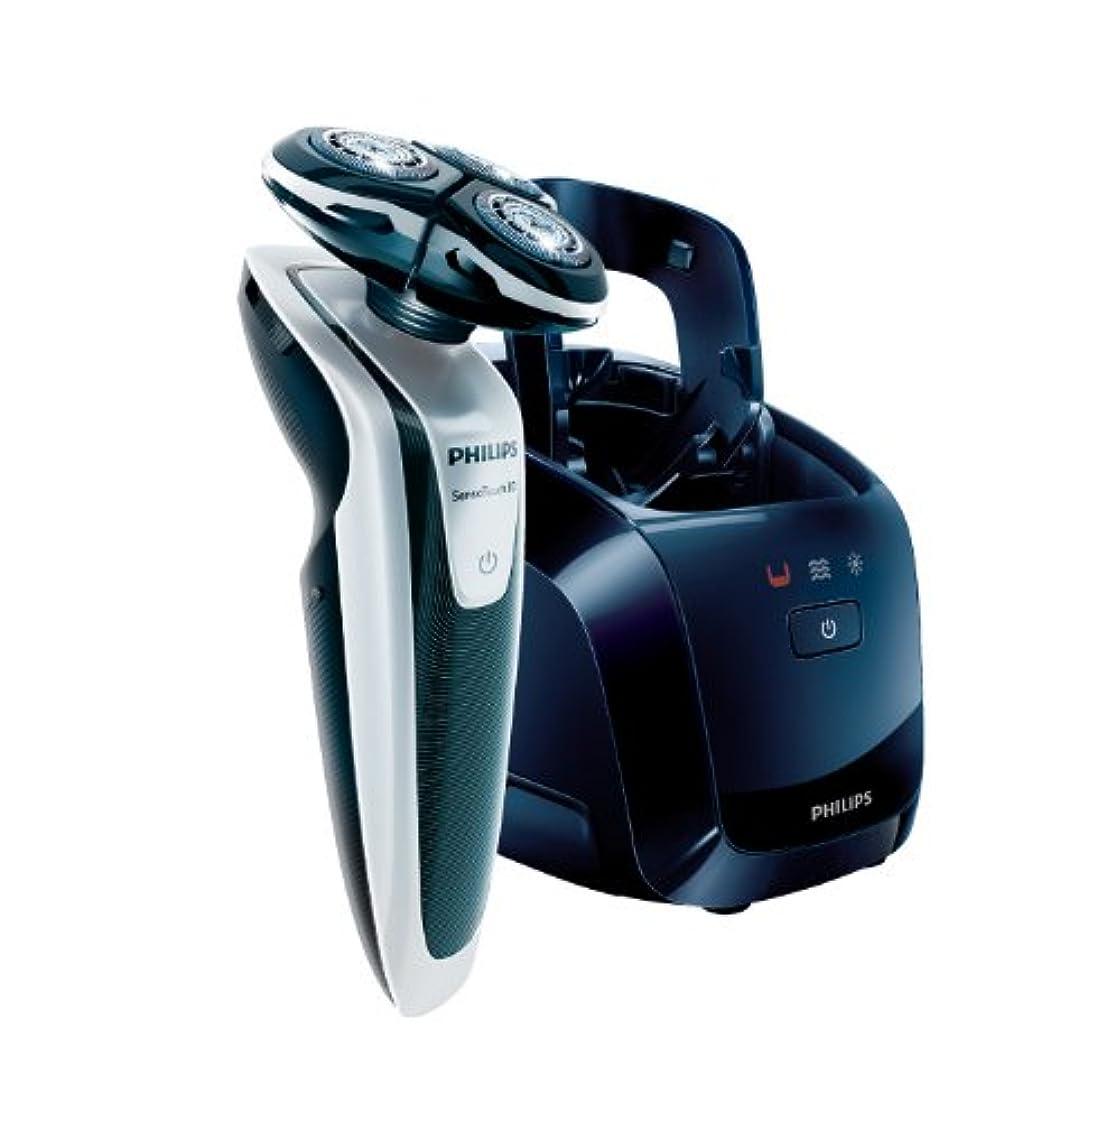 悪意のある母性放映フィリップス シェーバー センソタッチ3D【洗浄充電器付】RQ1251CC